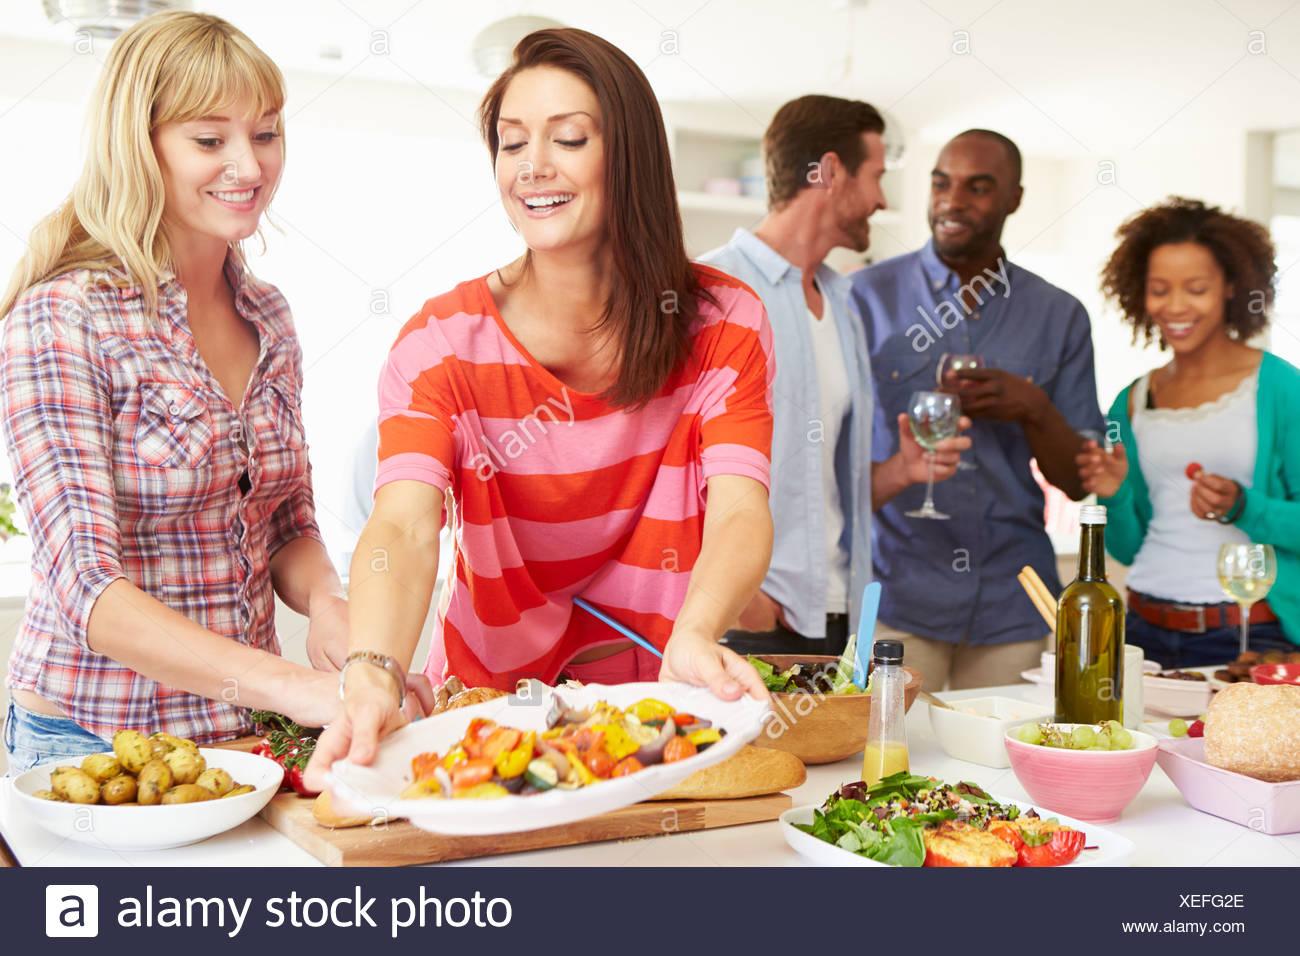 Gruppe von Freunden, die Dinner-Party zu Hause Stockbild